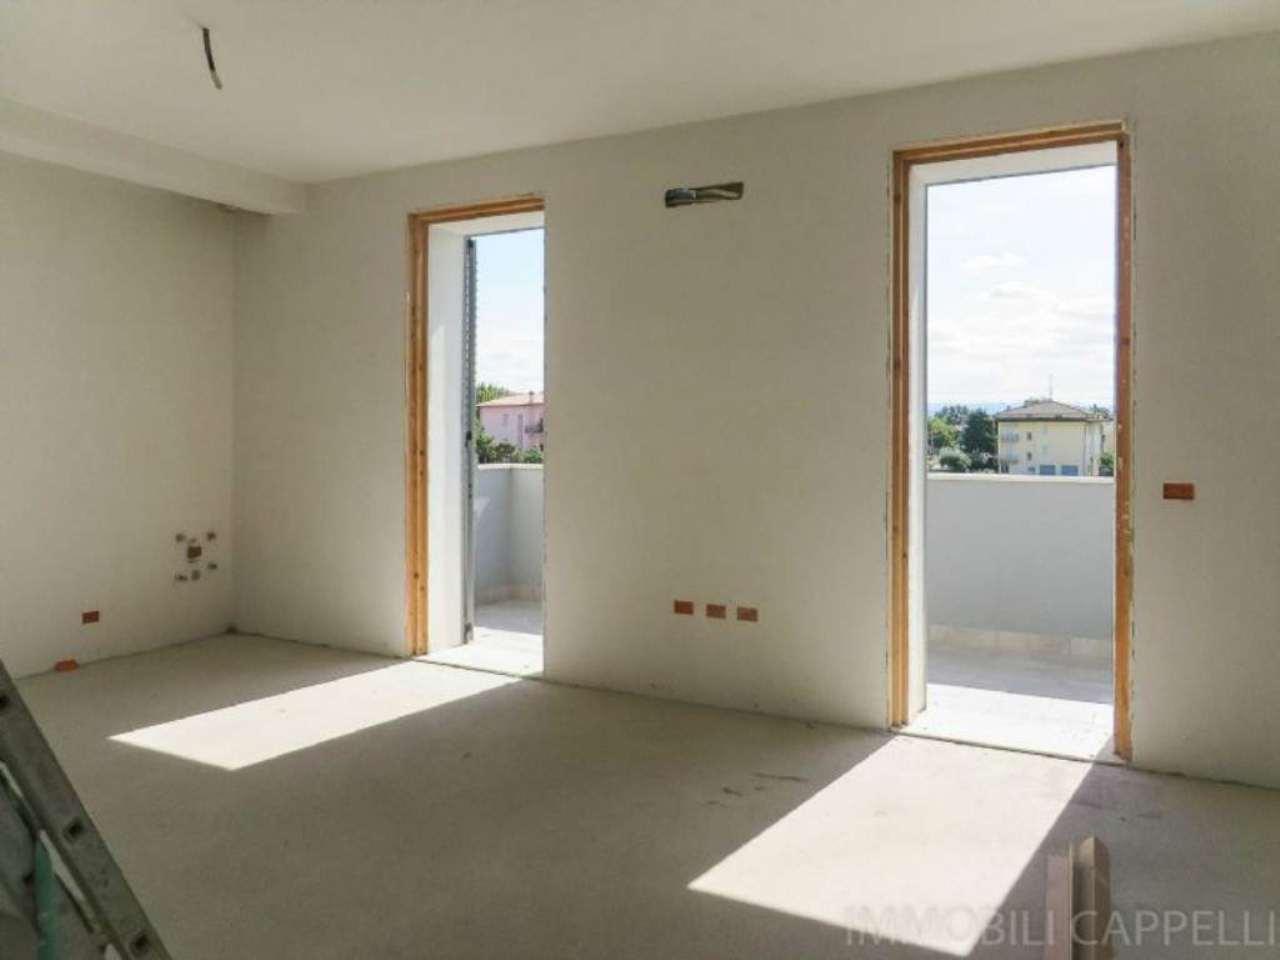 Appartamento in vendita a Forlimpopoli, 3 locali, prezzo € 155.000 | CambioCasa.it